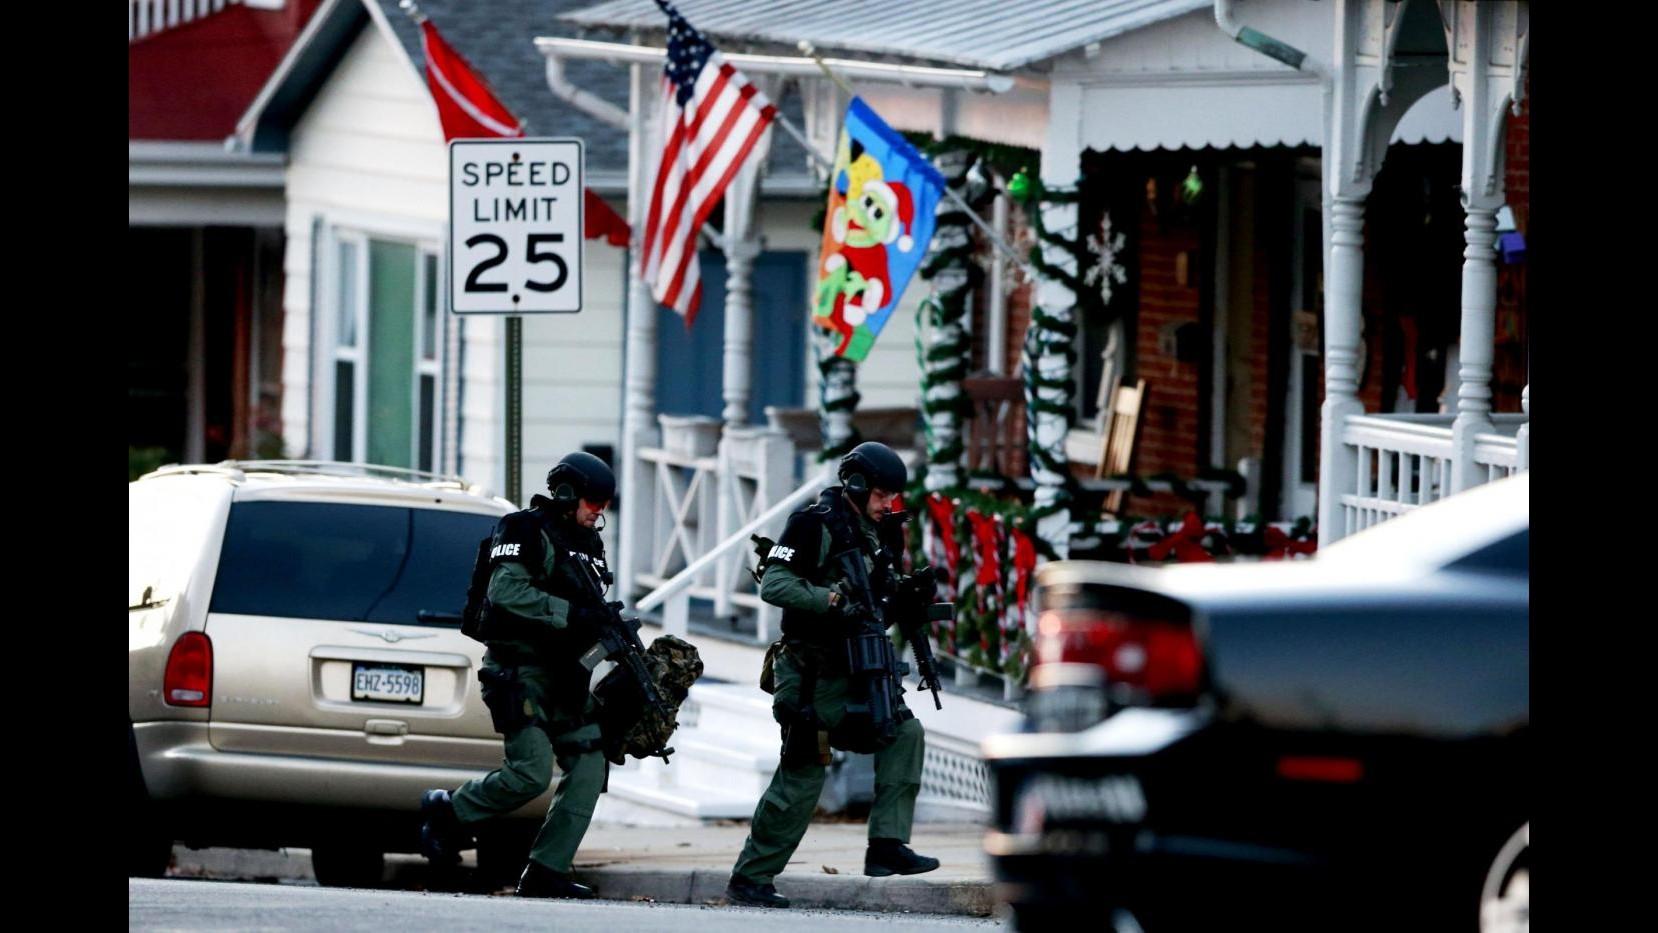 Usa, strage familiare in Pennsylvania: prosegue caccia a veterano